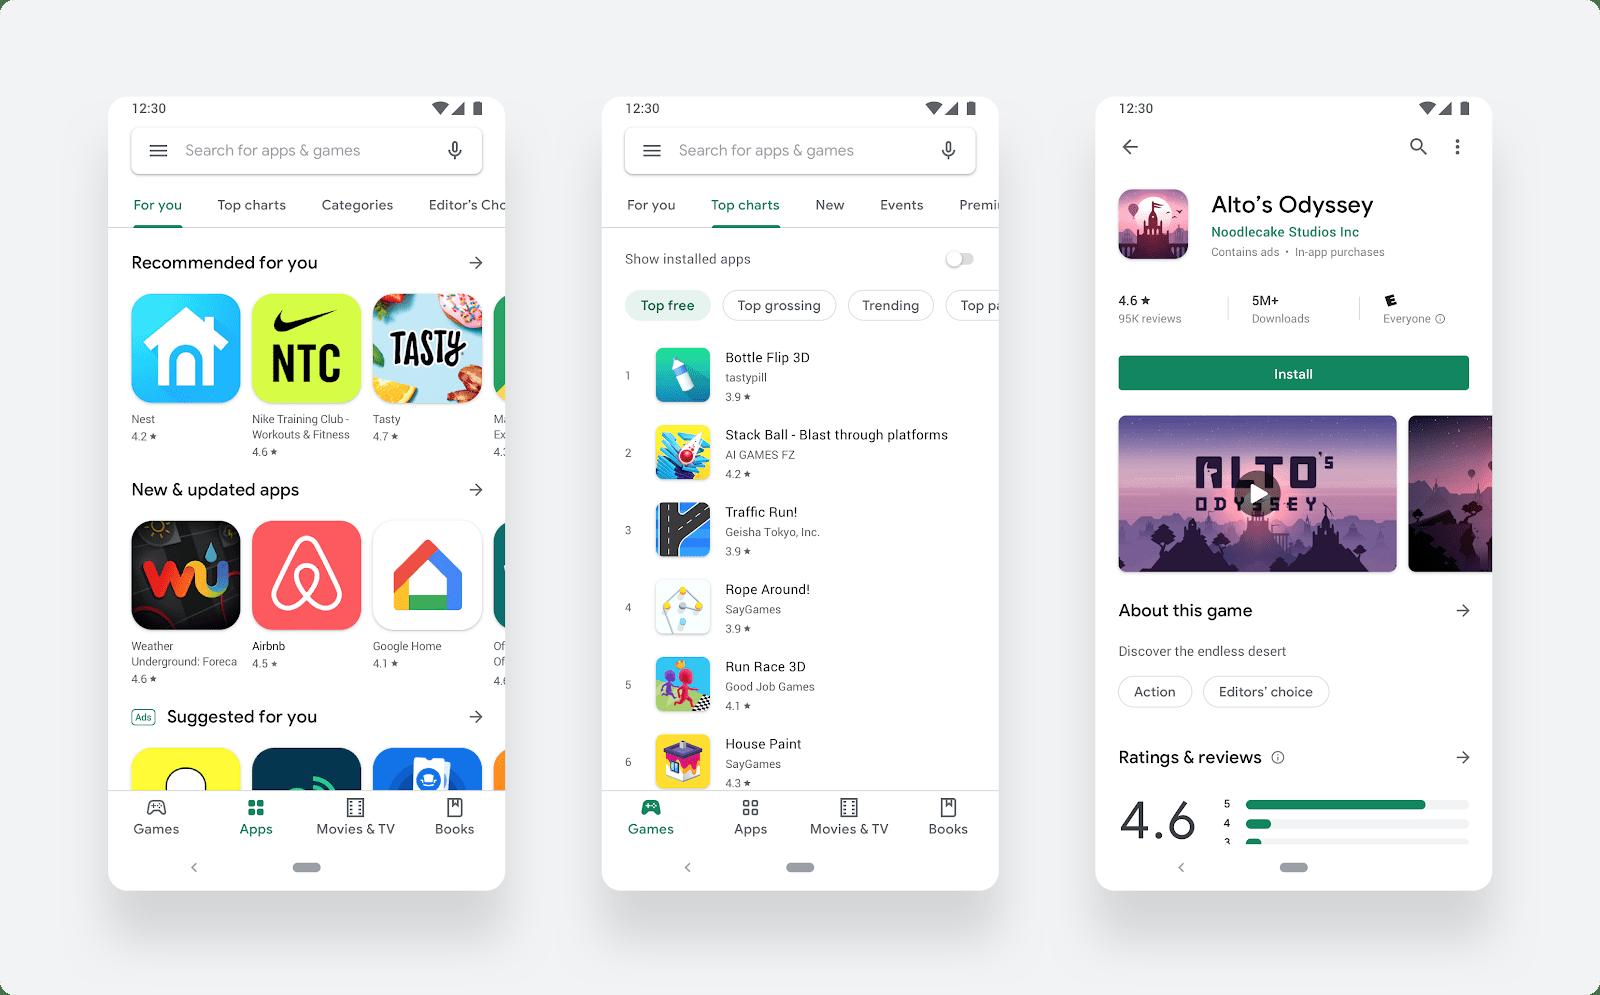 Vous pourriez bientôt noter une application sans passer par Google Play